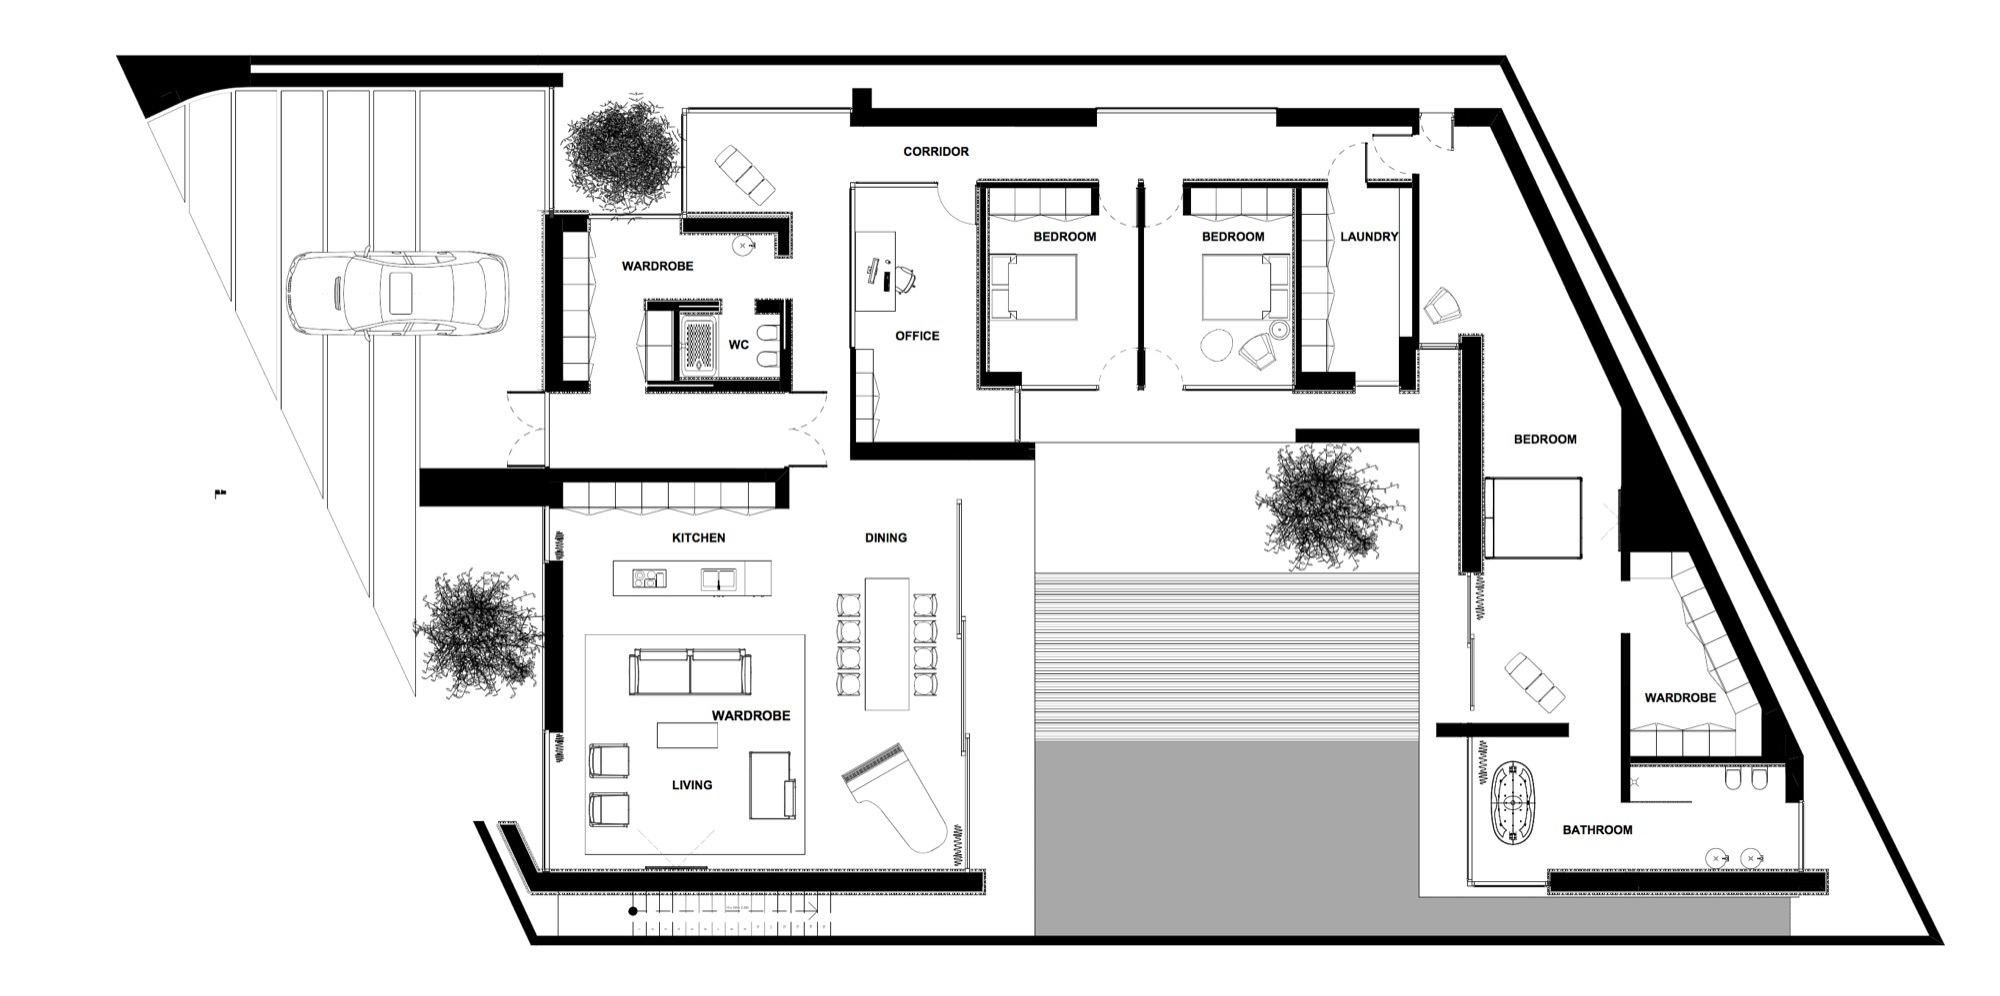 Galer a de casa piano line architects 50 for Casa piano sucursales